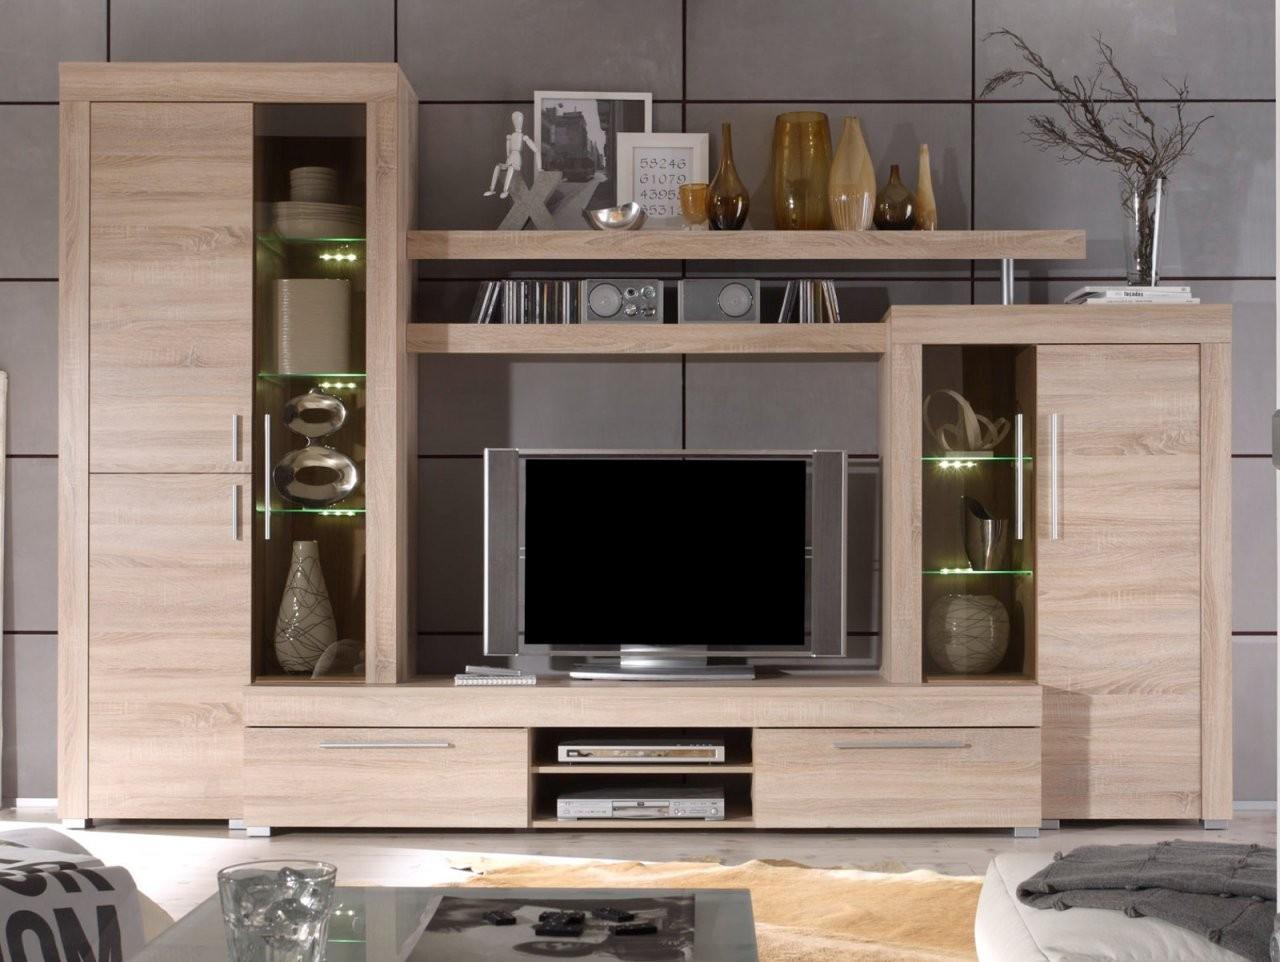 Wohnwand Boom Sonoma Eiche Hell 310 Cm Mit Led  Designermöbel von Wohnwand Sonoma Eiche Günstig Bild